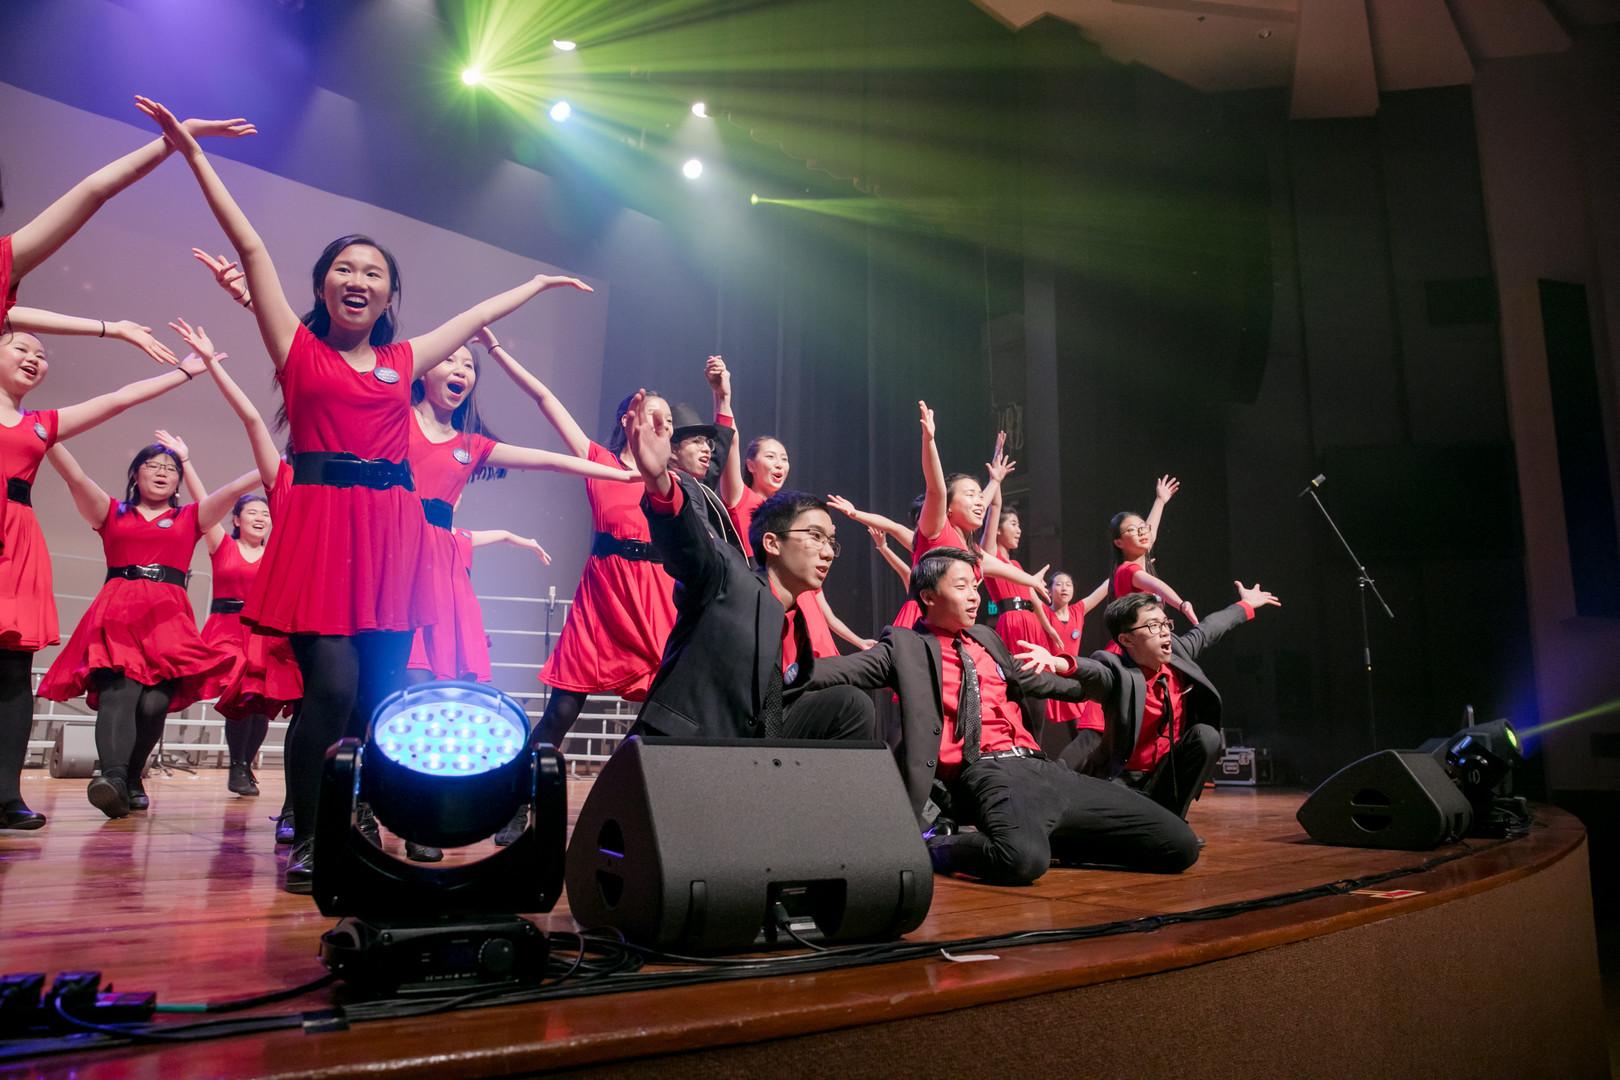 0028_flash_28 april_the show choir_johnn